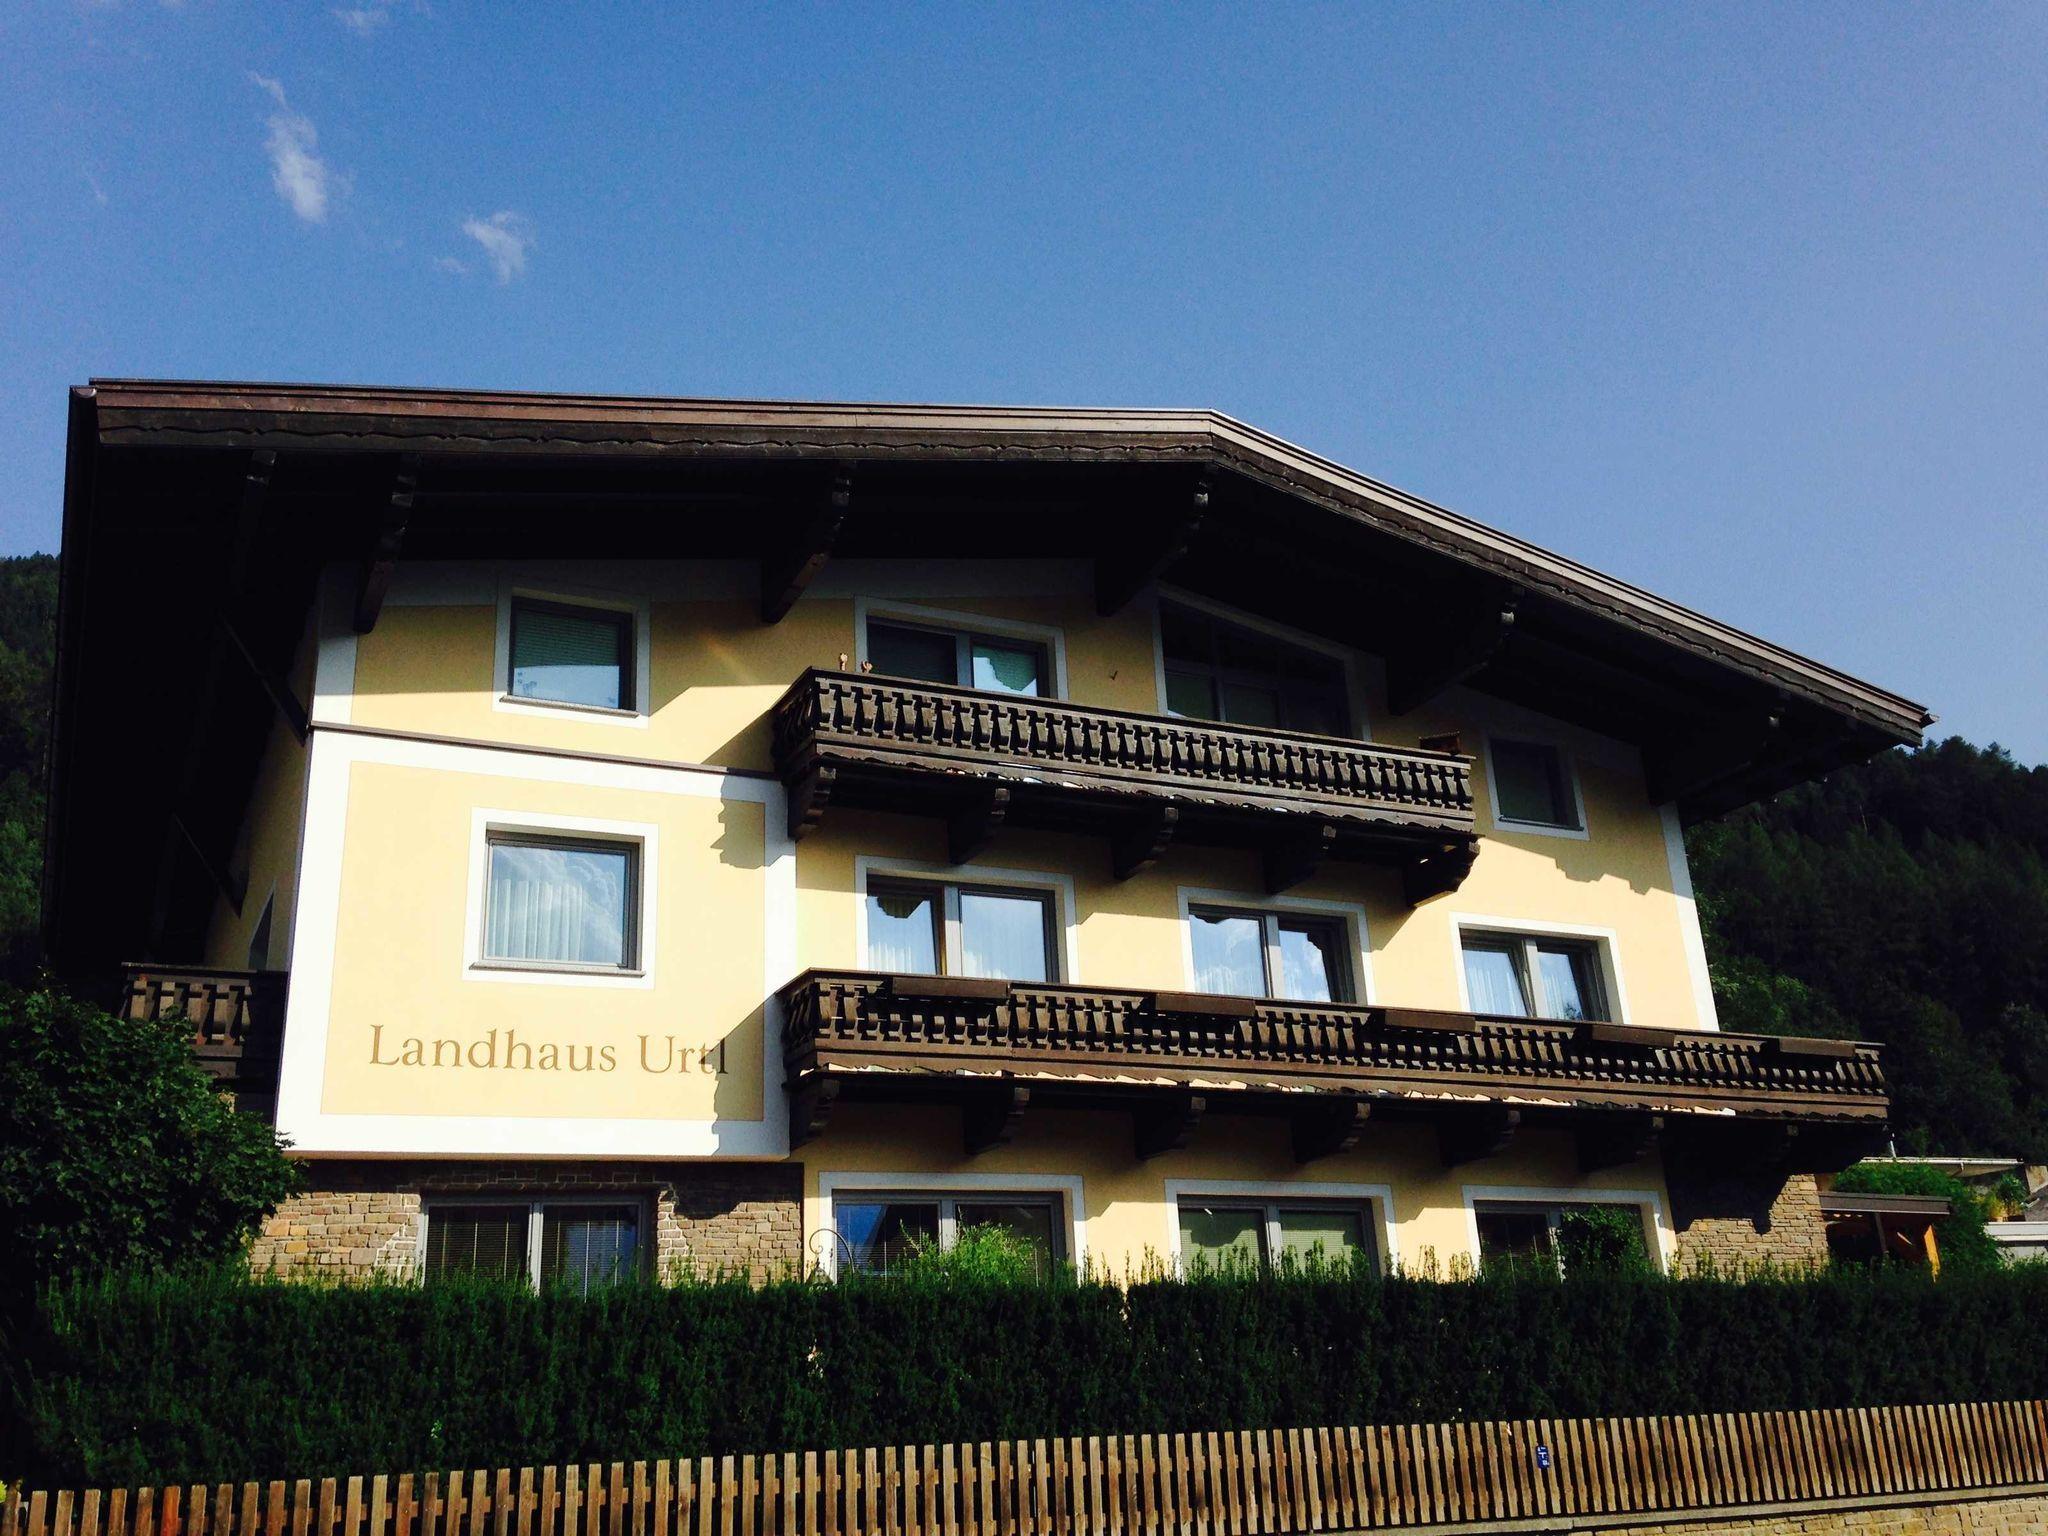 Landhaus Urtl - Hueber Klaus